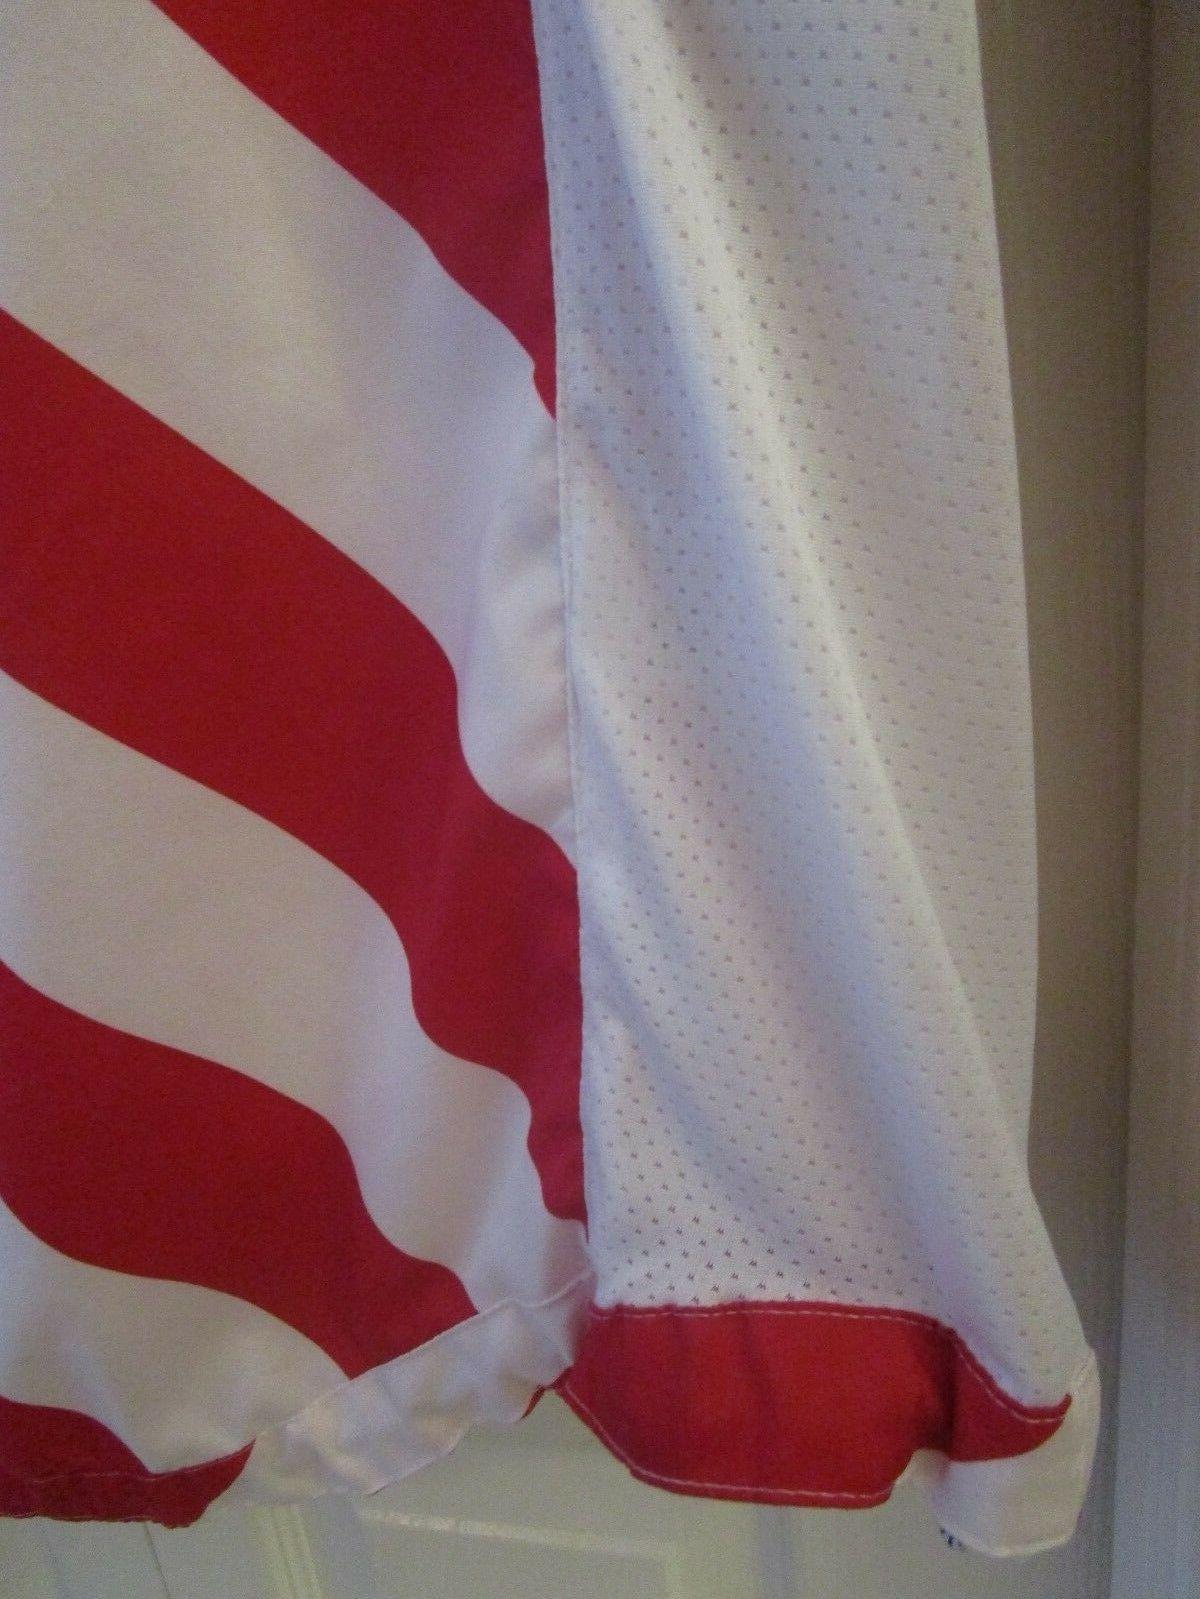 & Flag Hoodie Windbreaker Red White Blue